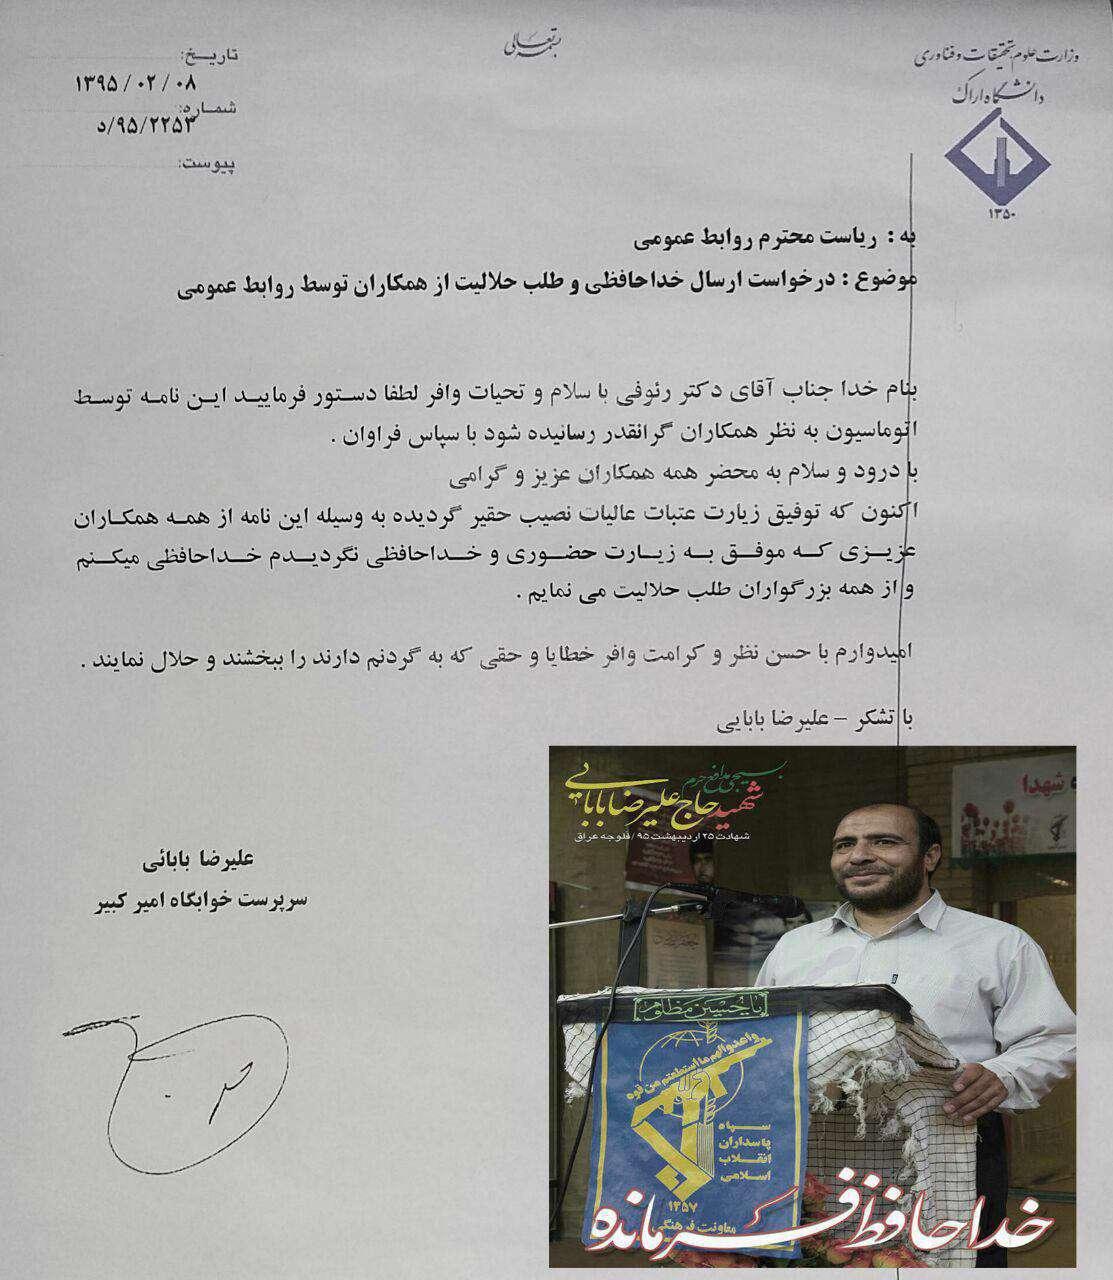 نامه خداحافظی و طلب حلالیت بسیجی مدافع حرم شهید علیرضا بابایی از همکاران 17 روز قبل از شهادت